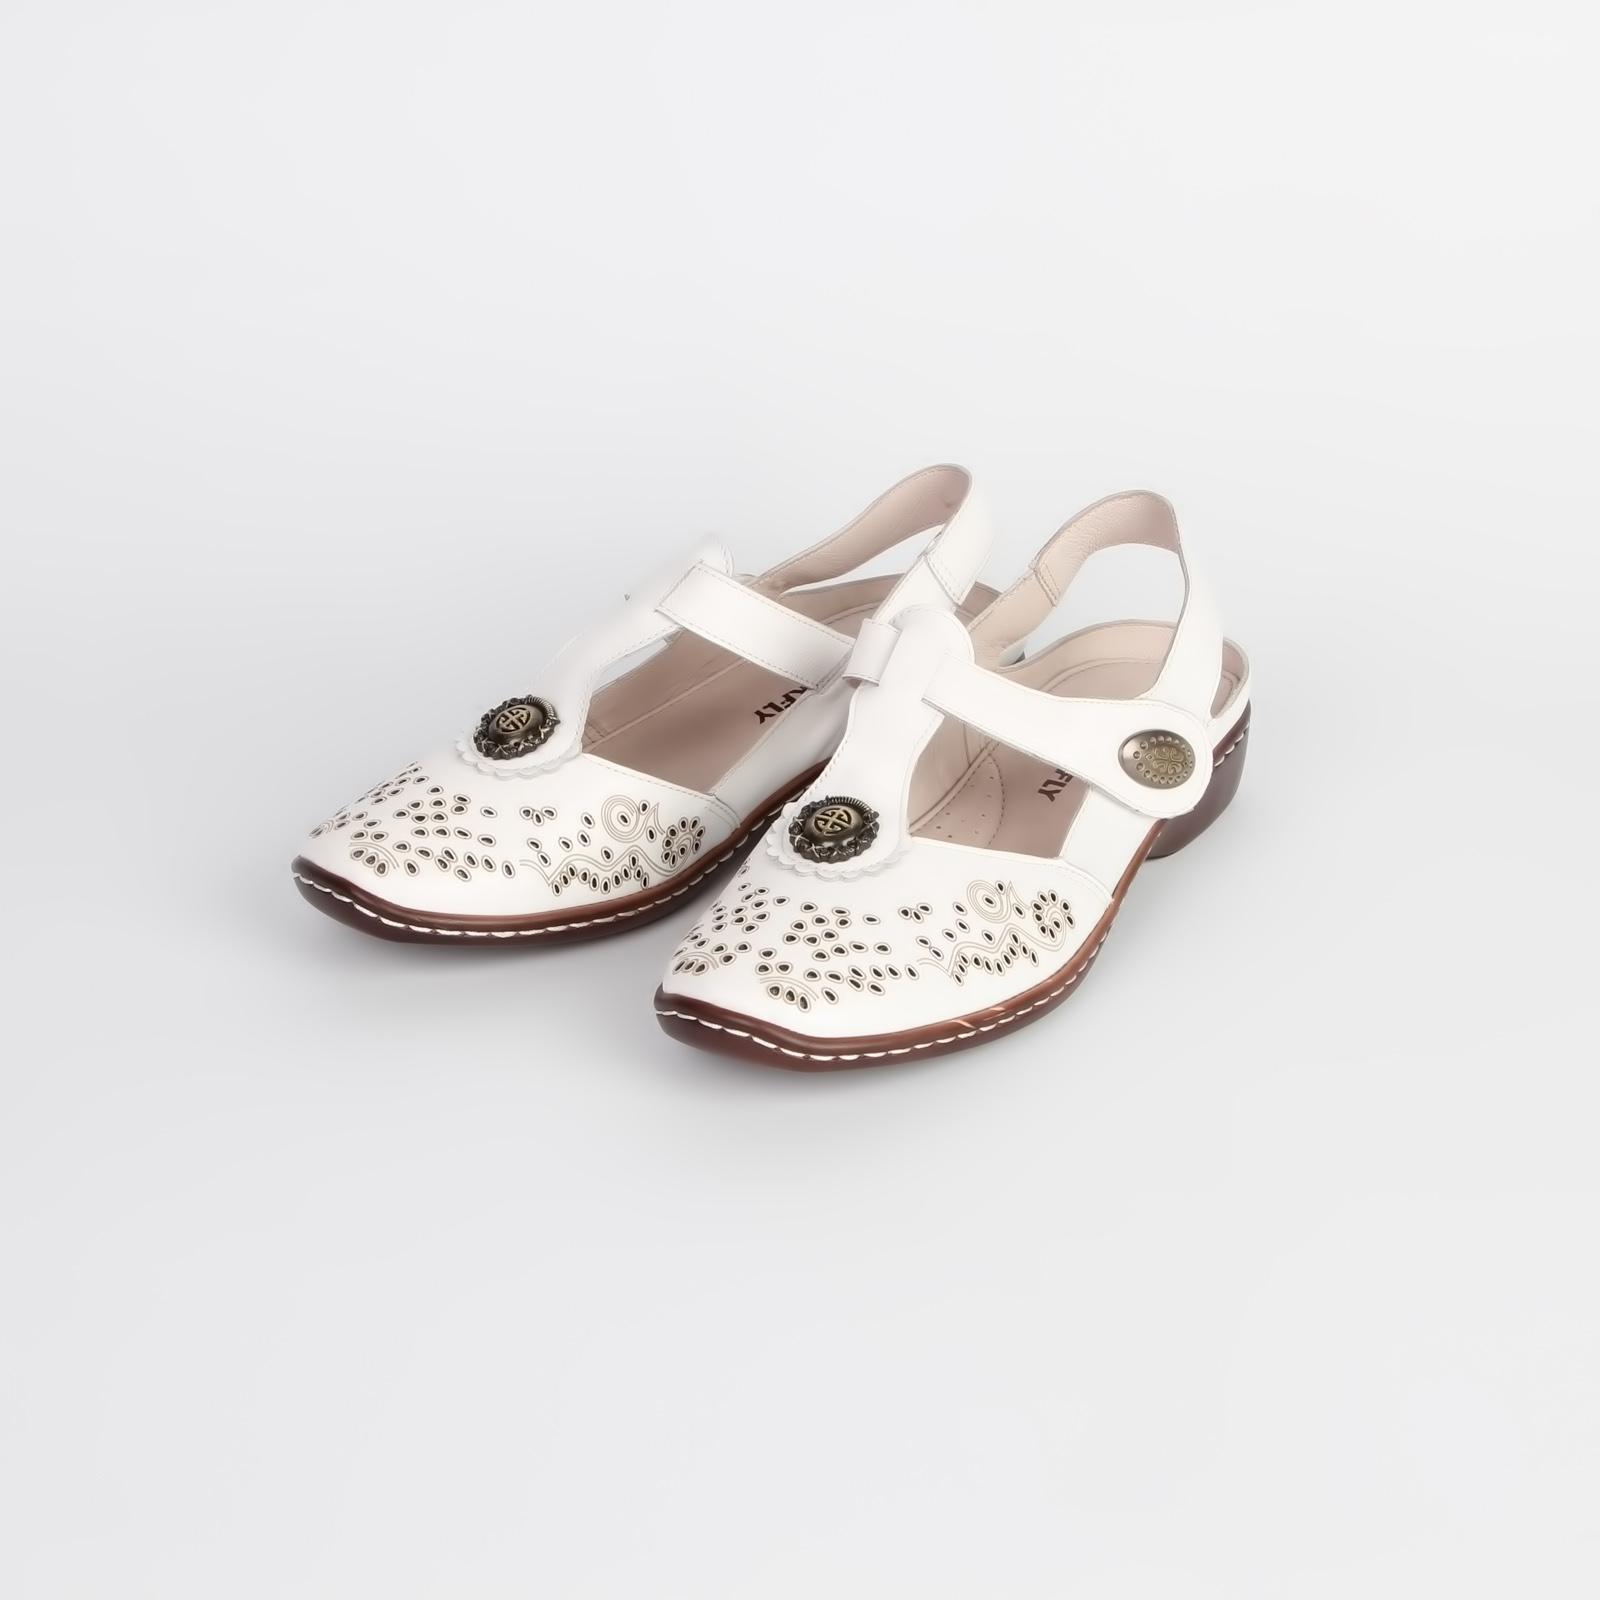 Туфли женские из натуральной кожи украшенные перфорацией и фурнитурой